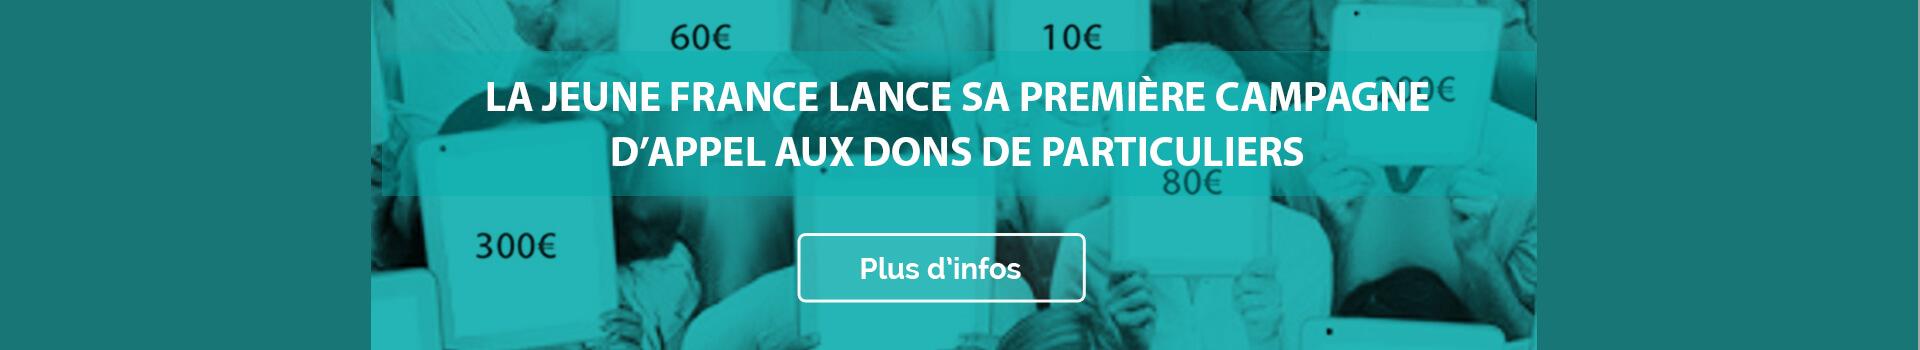 bandeau_fiancement_participatif_13102016_C